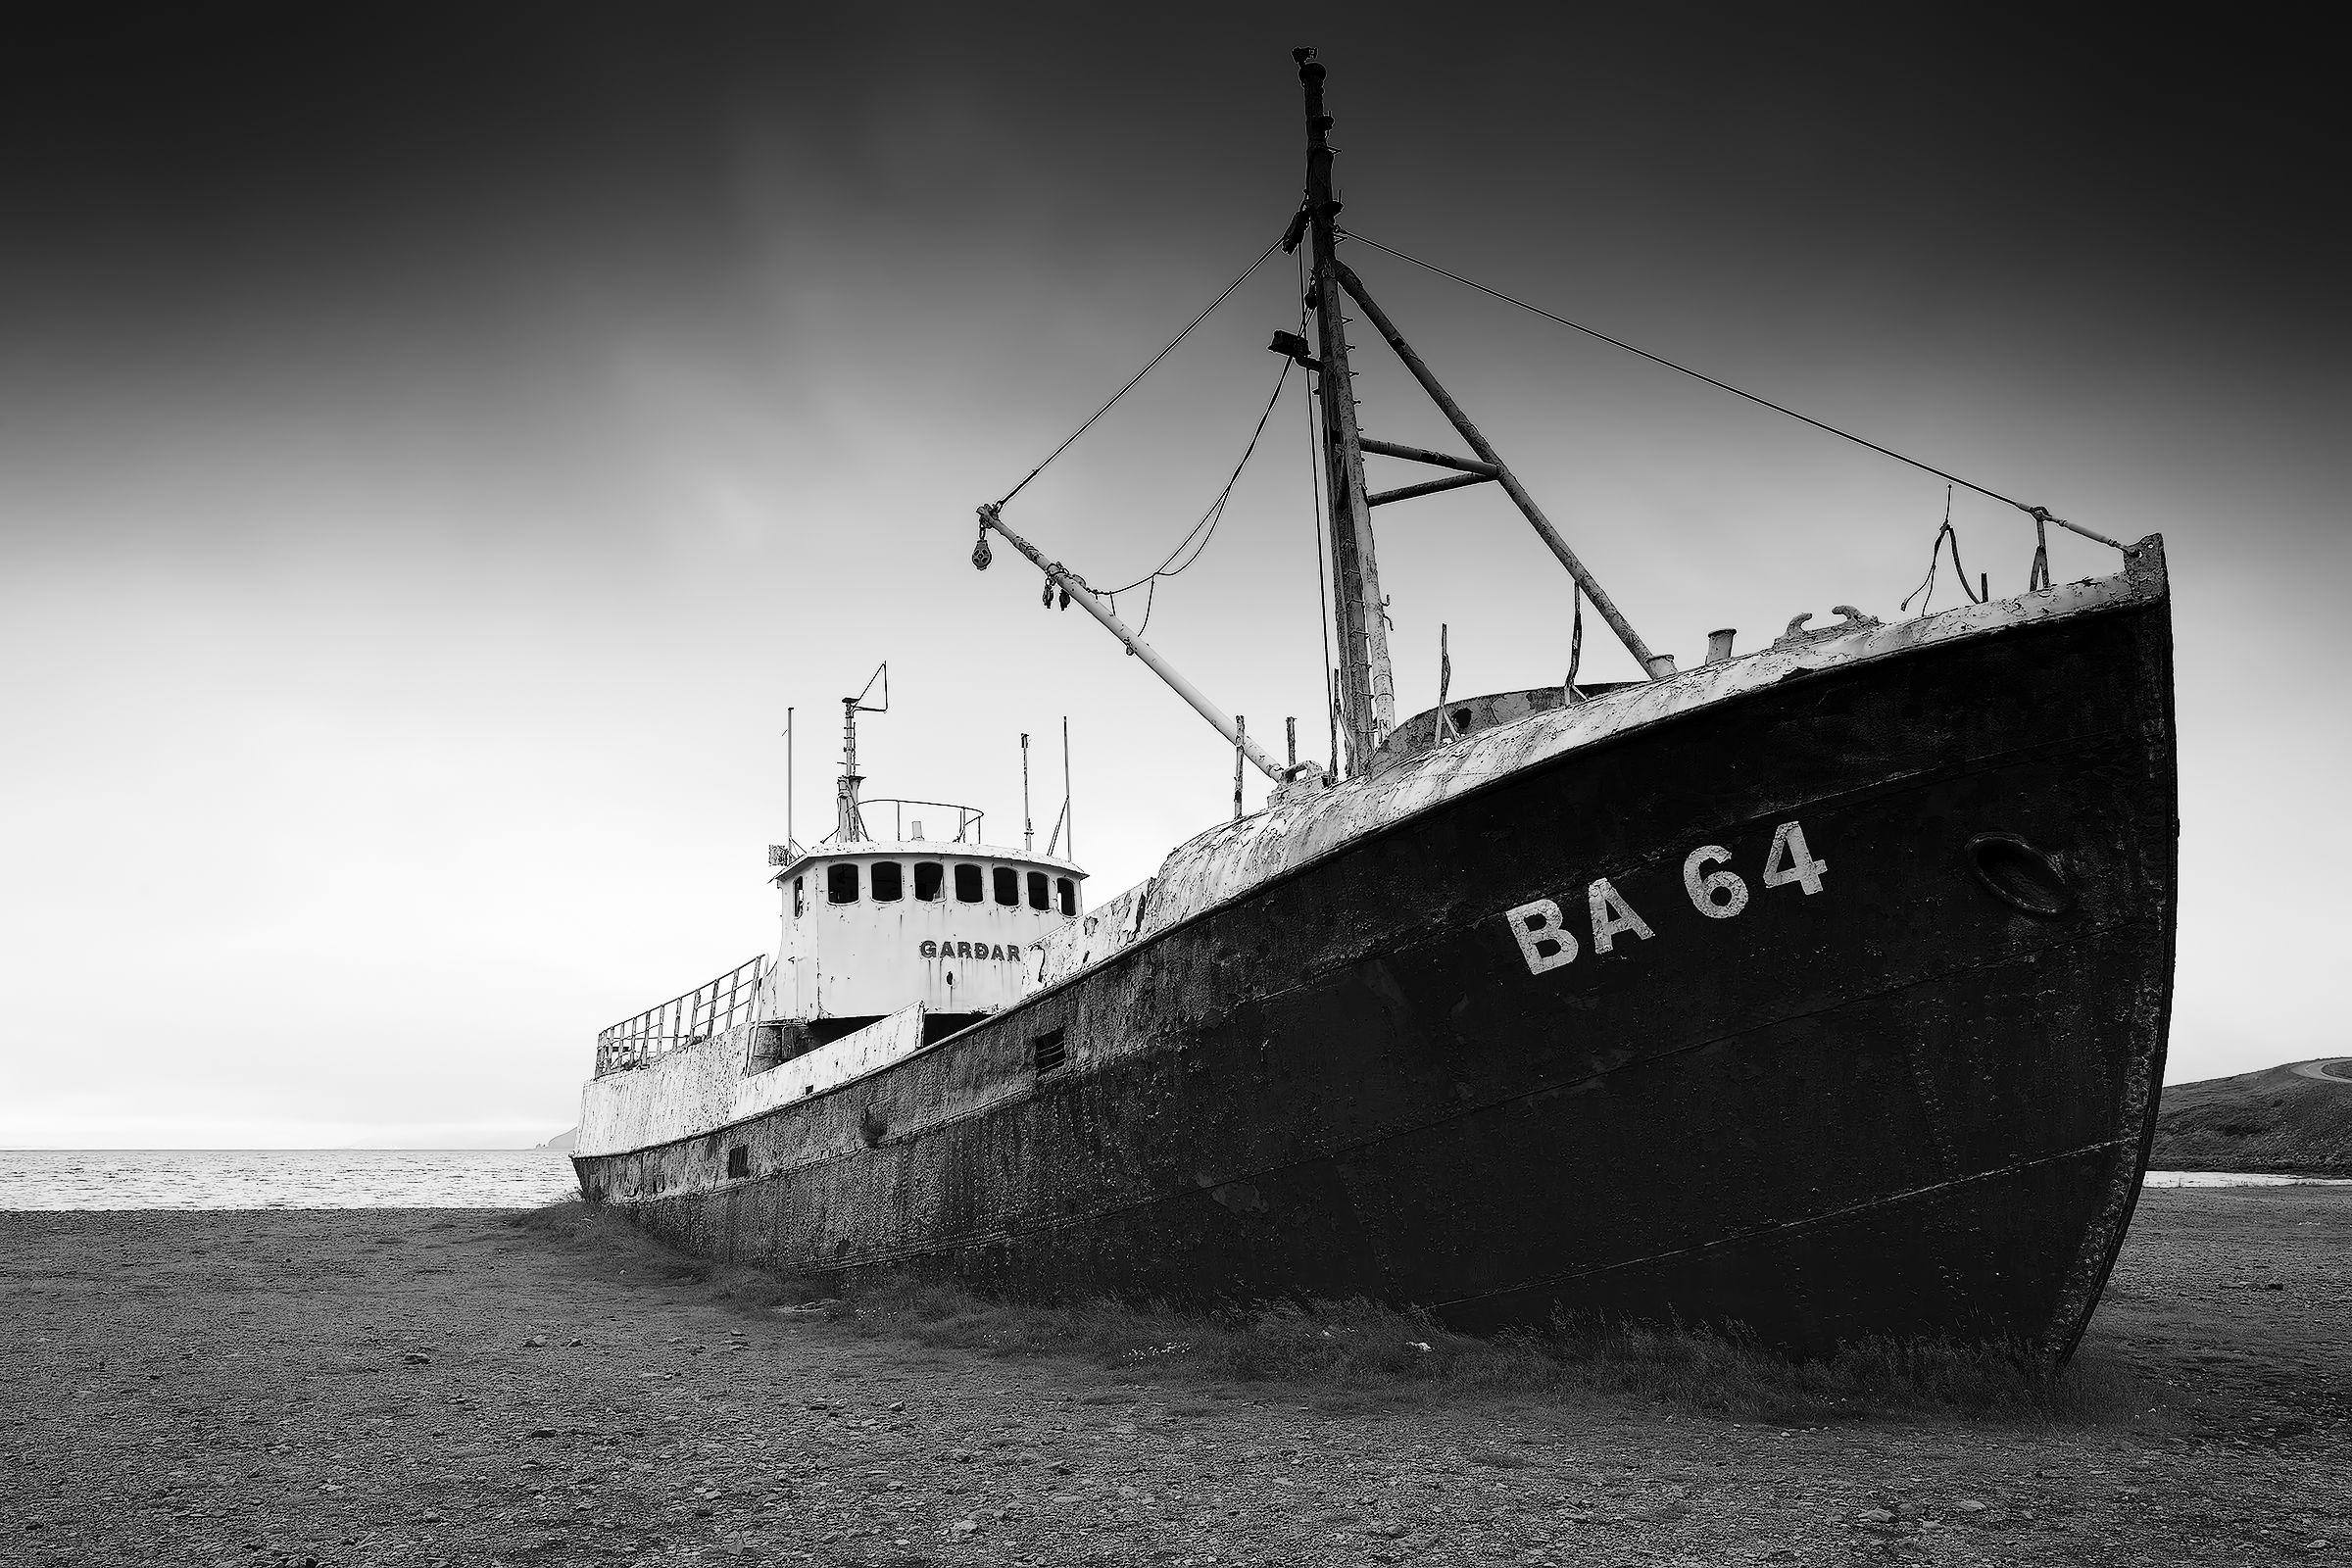 Garðar BA 64...